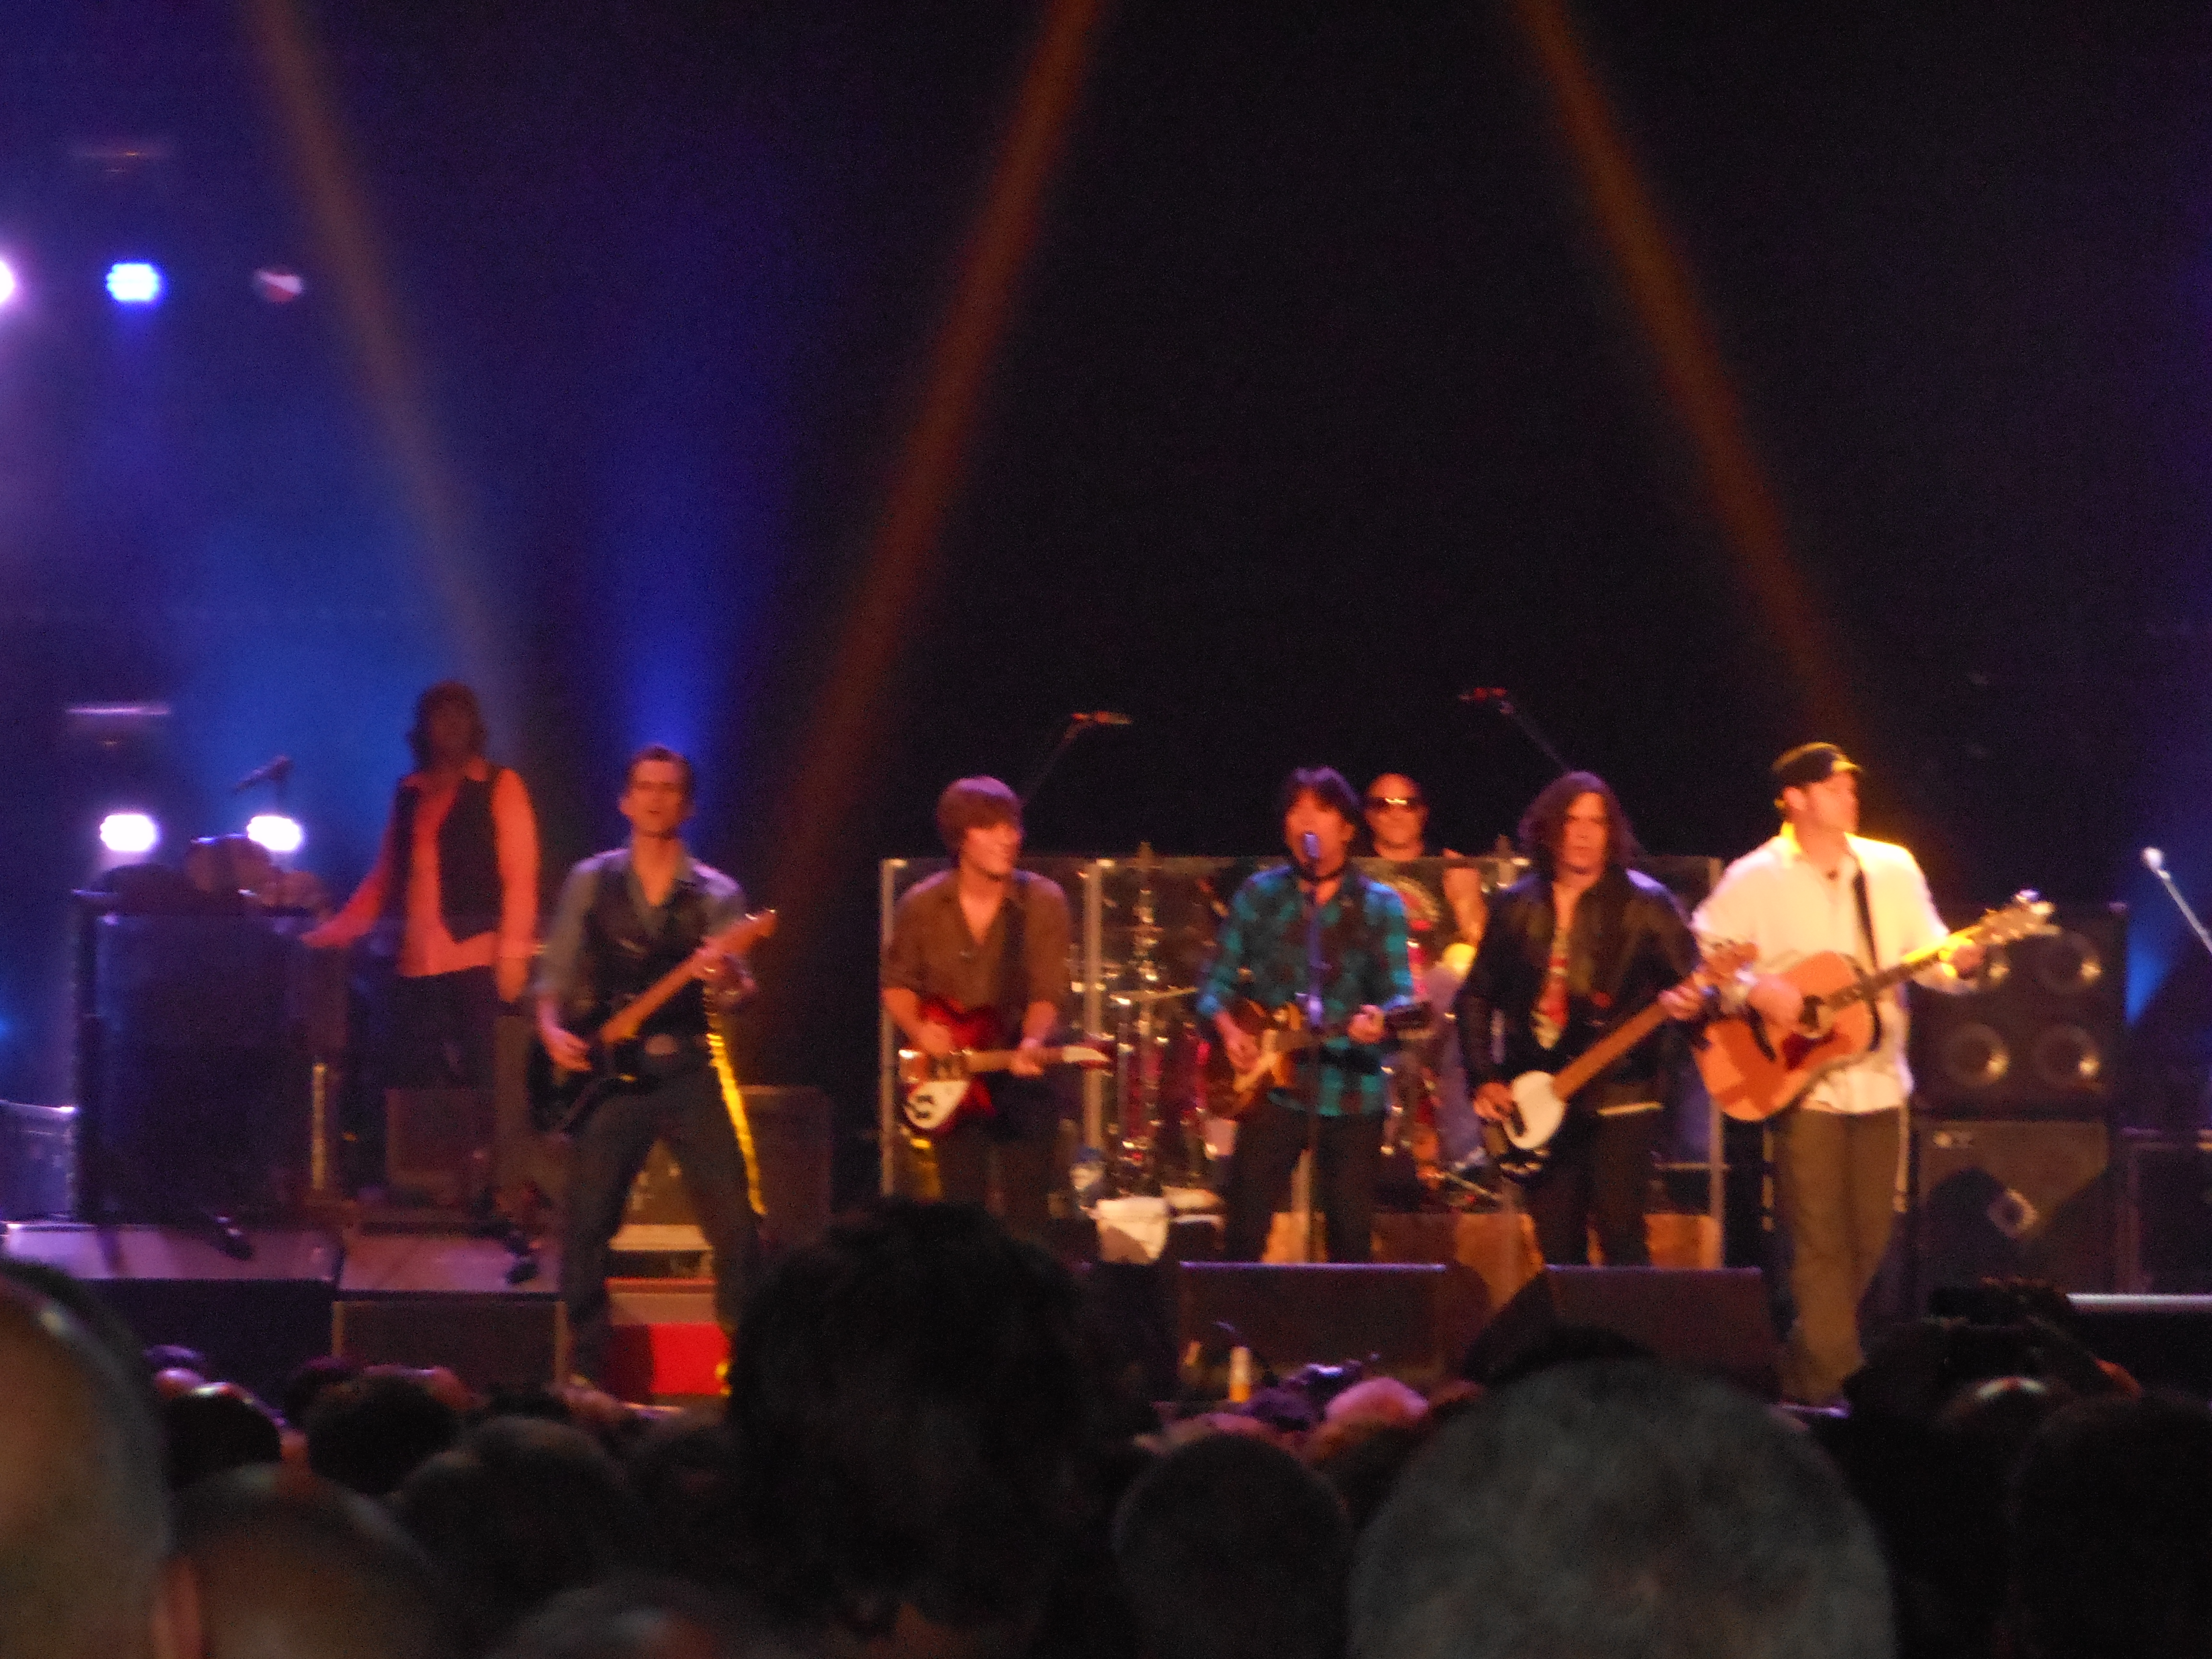 Concertreview: Rockin' Ziggo Dome